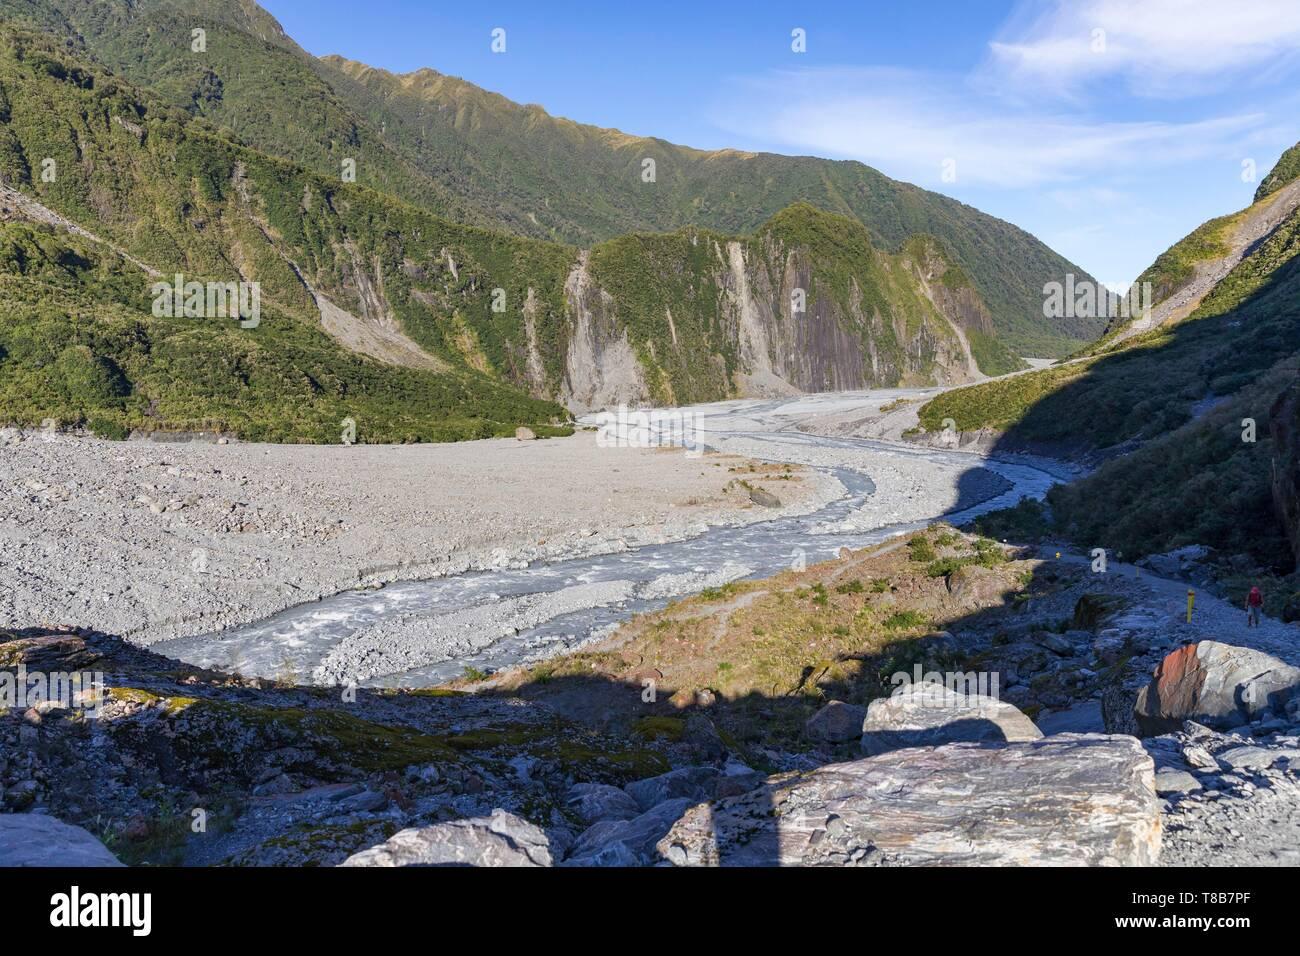 Nueva Zelanda, Isla del Sur, la región de la costa oeste, el glaciar Fox, el glaciar Fox Valley Foto de stock